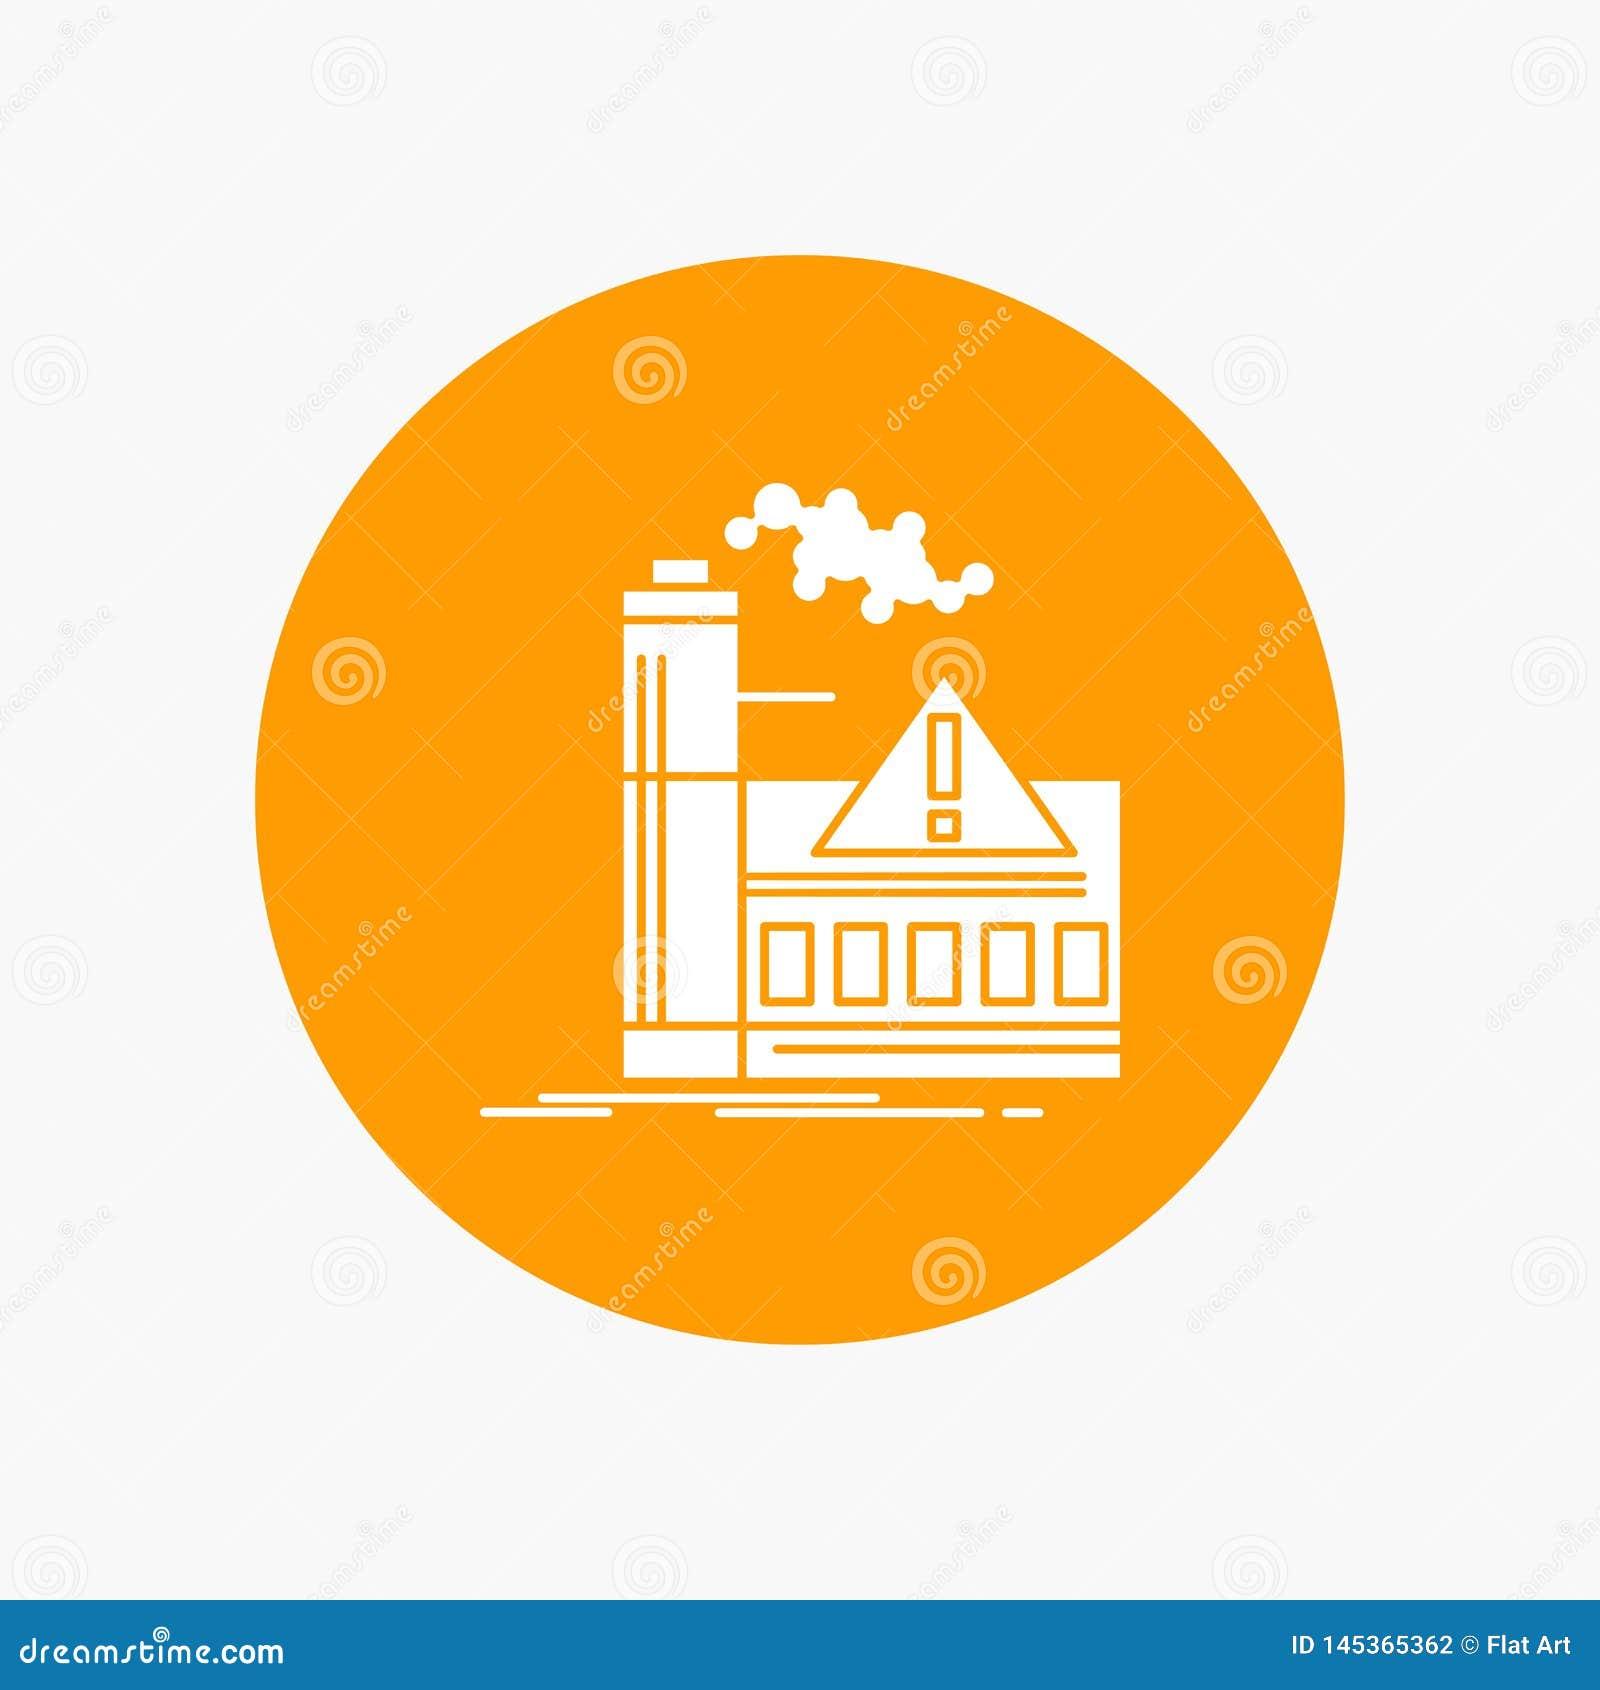 Verschmutzung, Fabrik, Luft, Alarm, Industrie weiße Glyph-Ikone im Kreis Vektor-Knopfillustration